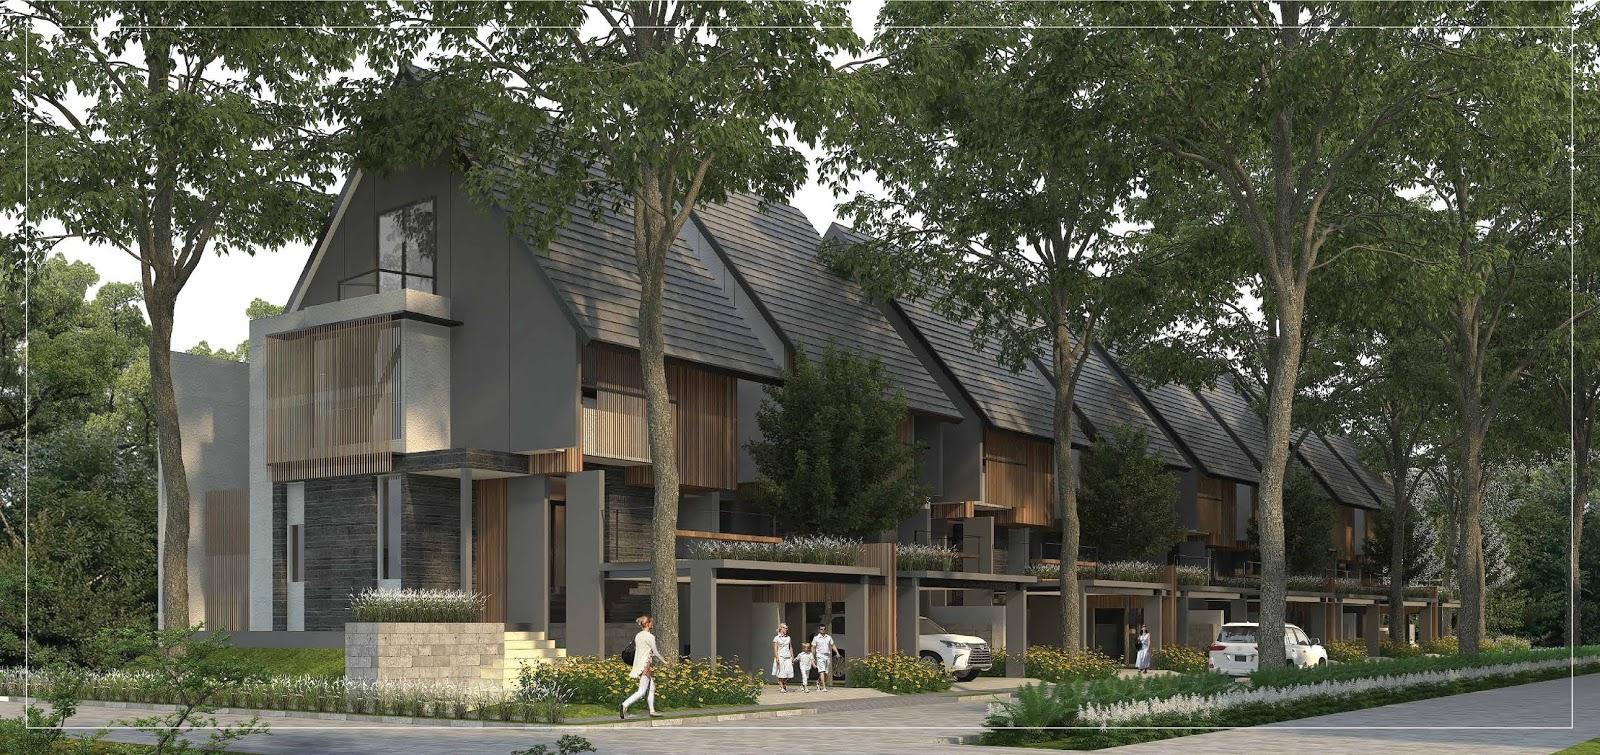 Cluster Caelus BSD City dibanderol mulai dari harga Rp3 miliar dan memiliki luas 112 meter persegi